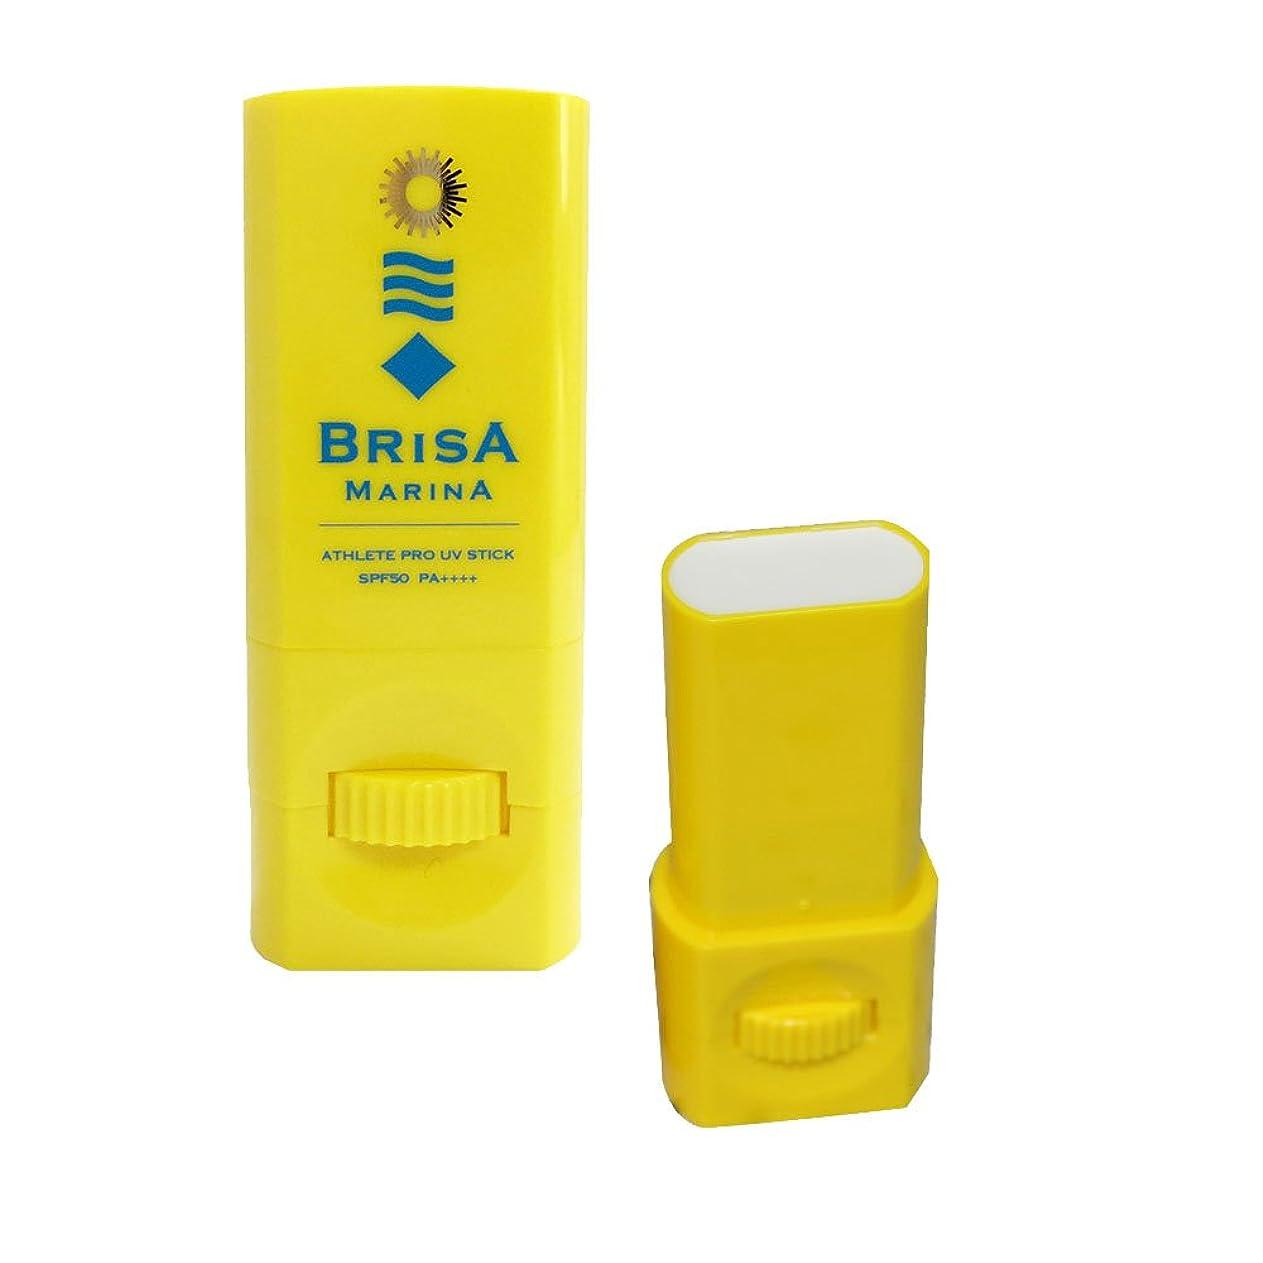 合法有害汚れるBRISA MARINA(ブリサ マリーナ) 日焼け止めUVスティック(ホワイト) 10g [SPF50 PA++++] Z-0CBM0016010 バリエーション不要